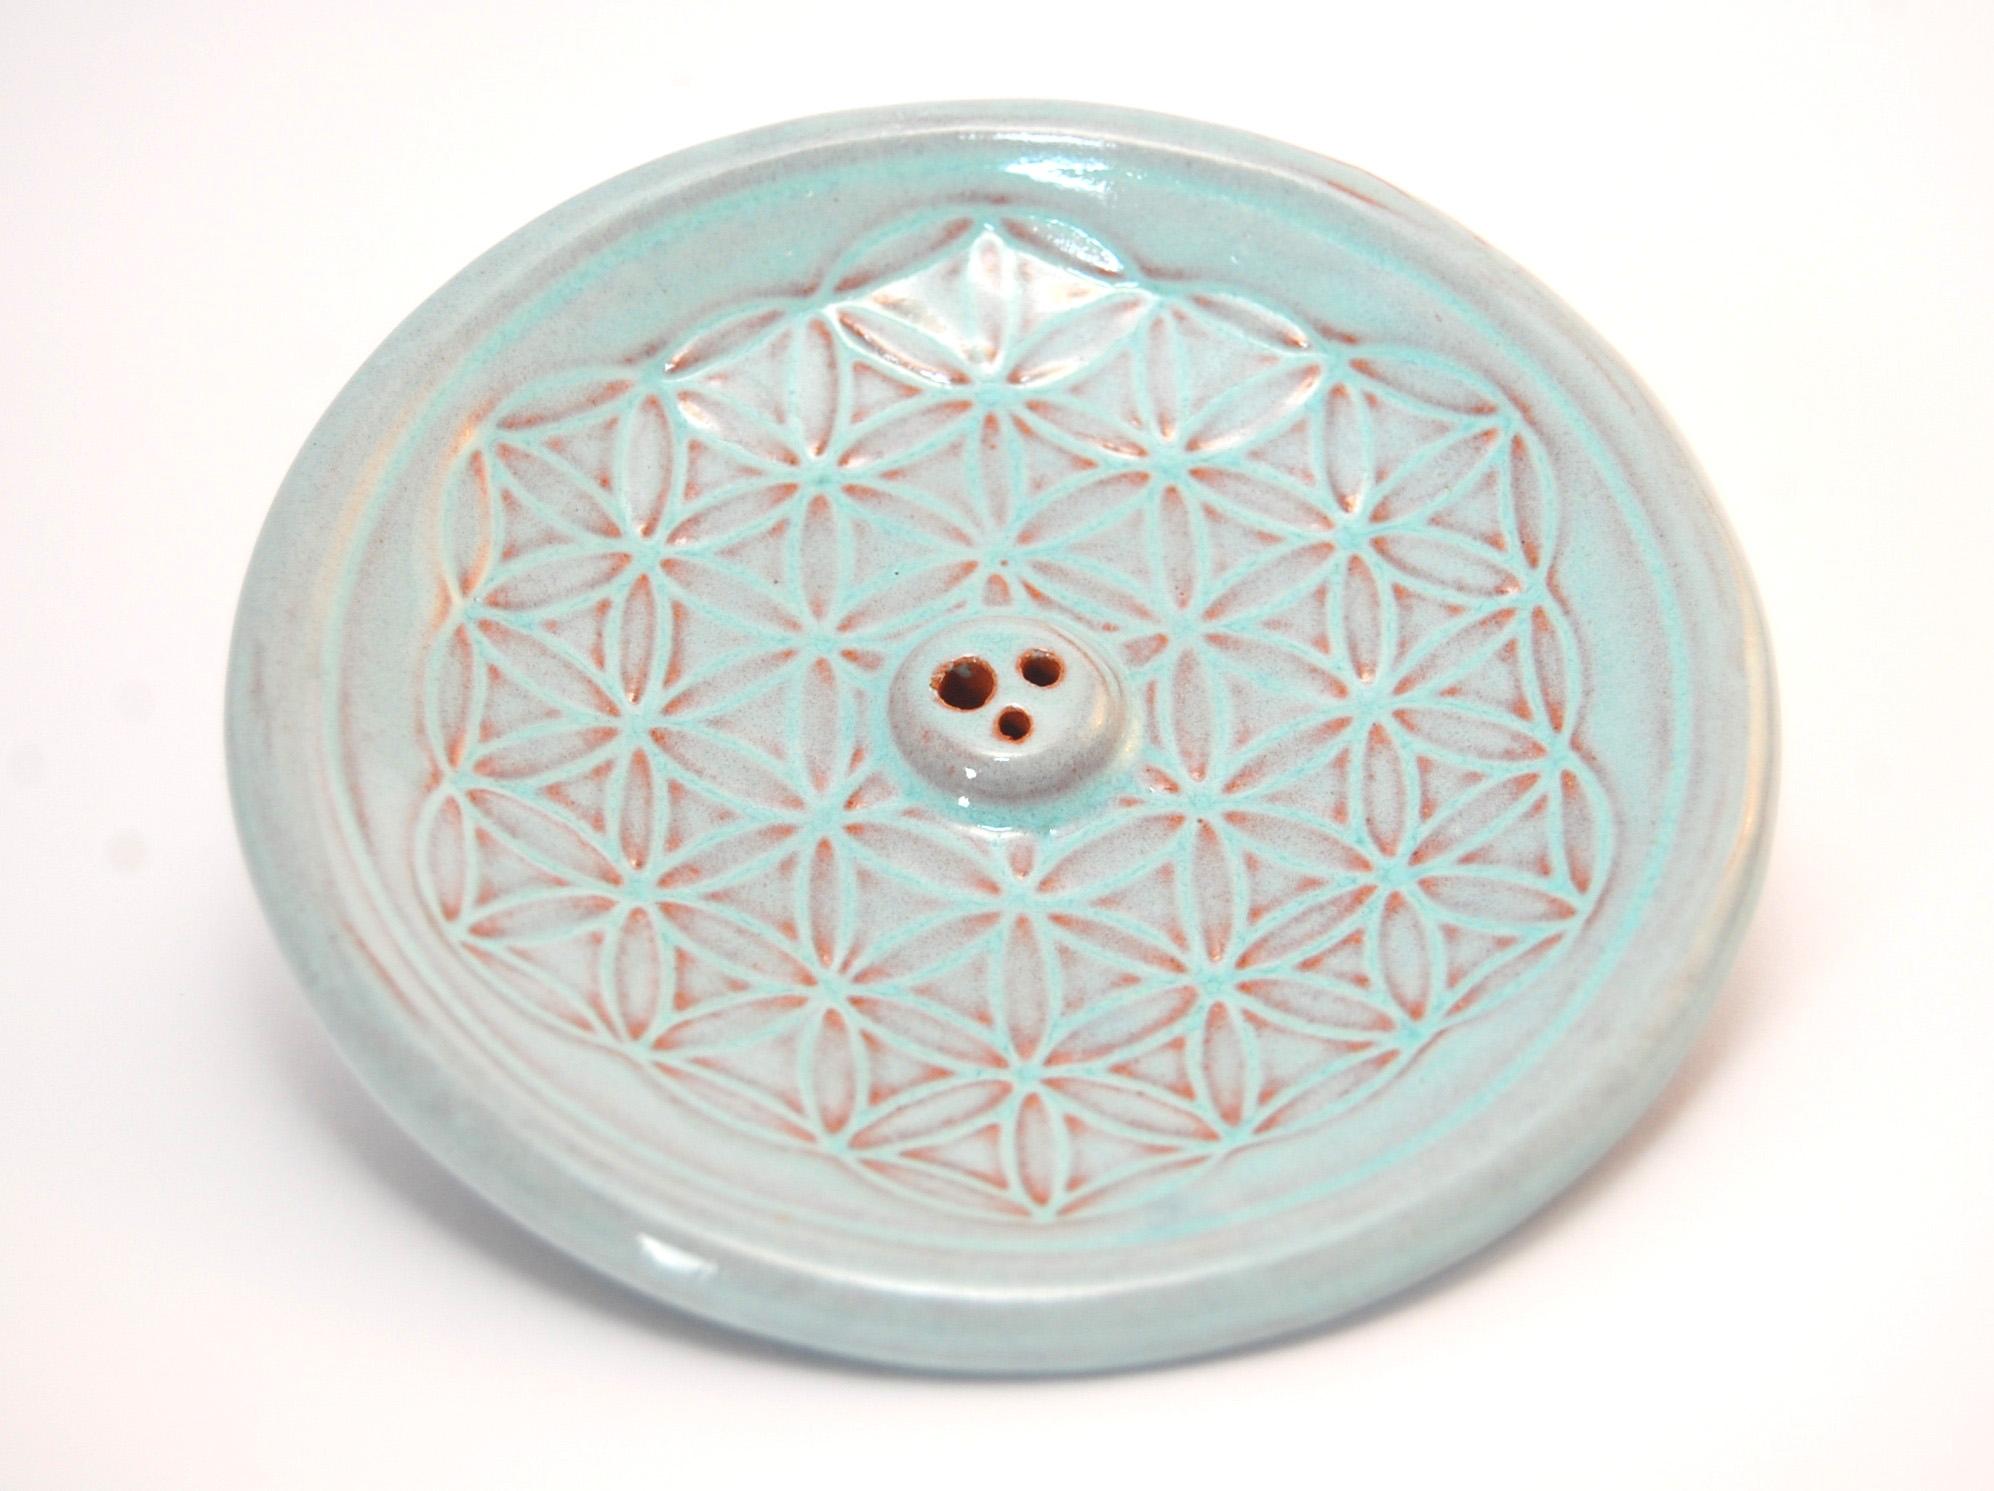 """Vykuřovací podtácek """"Květ života"""" z keramiky modrý"""